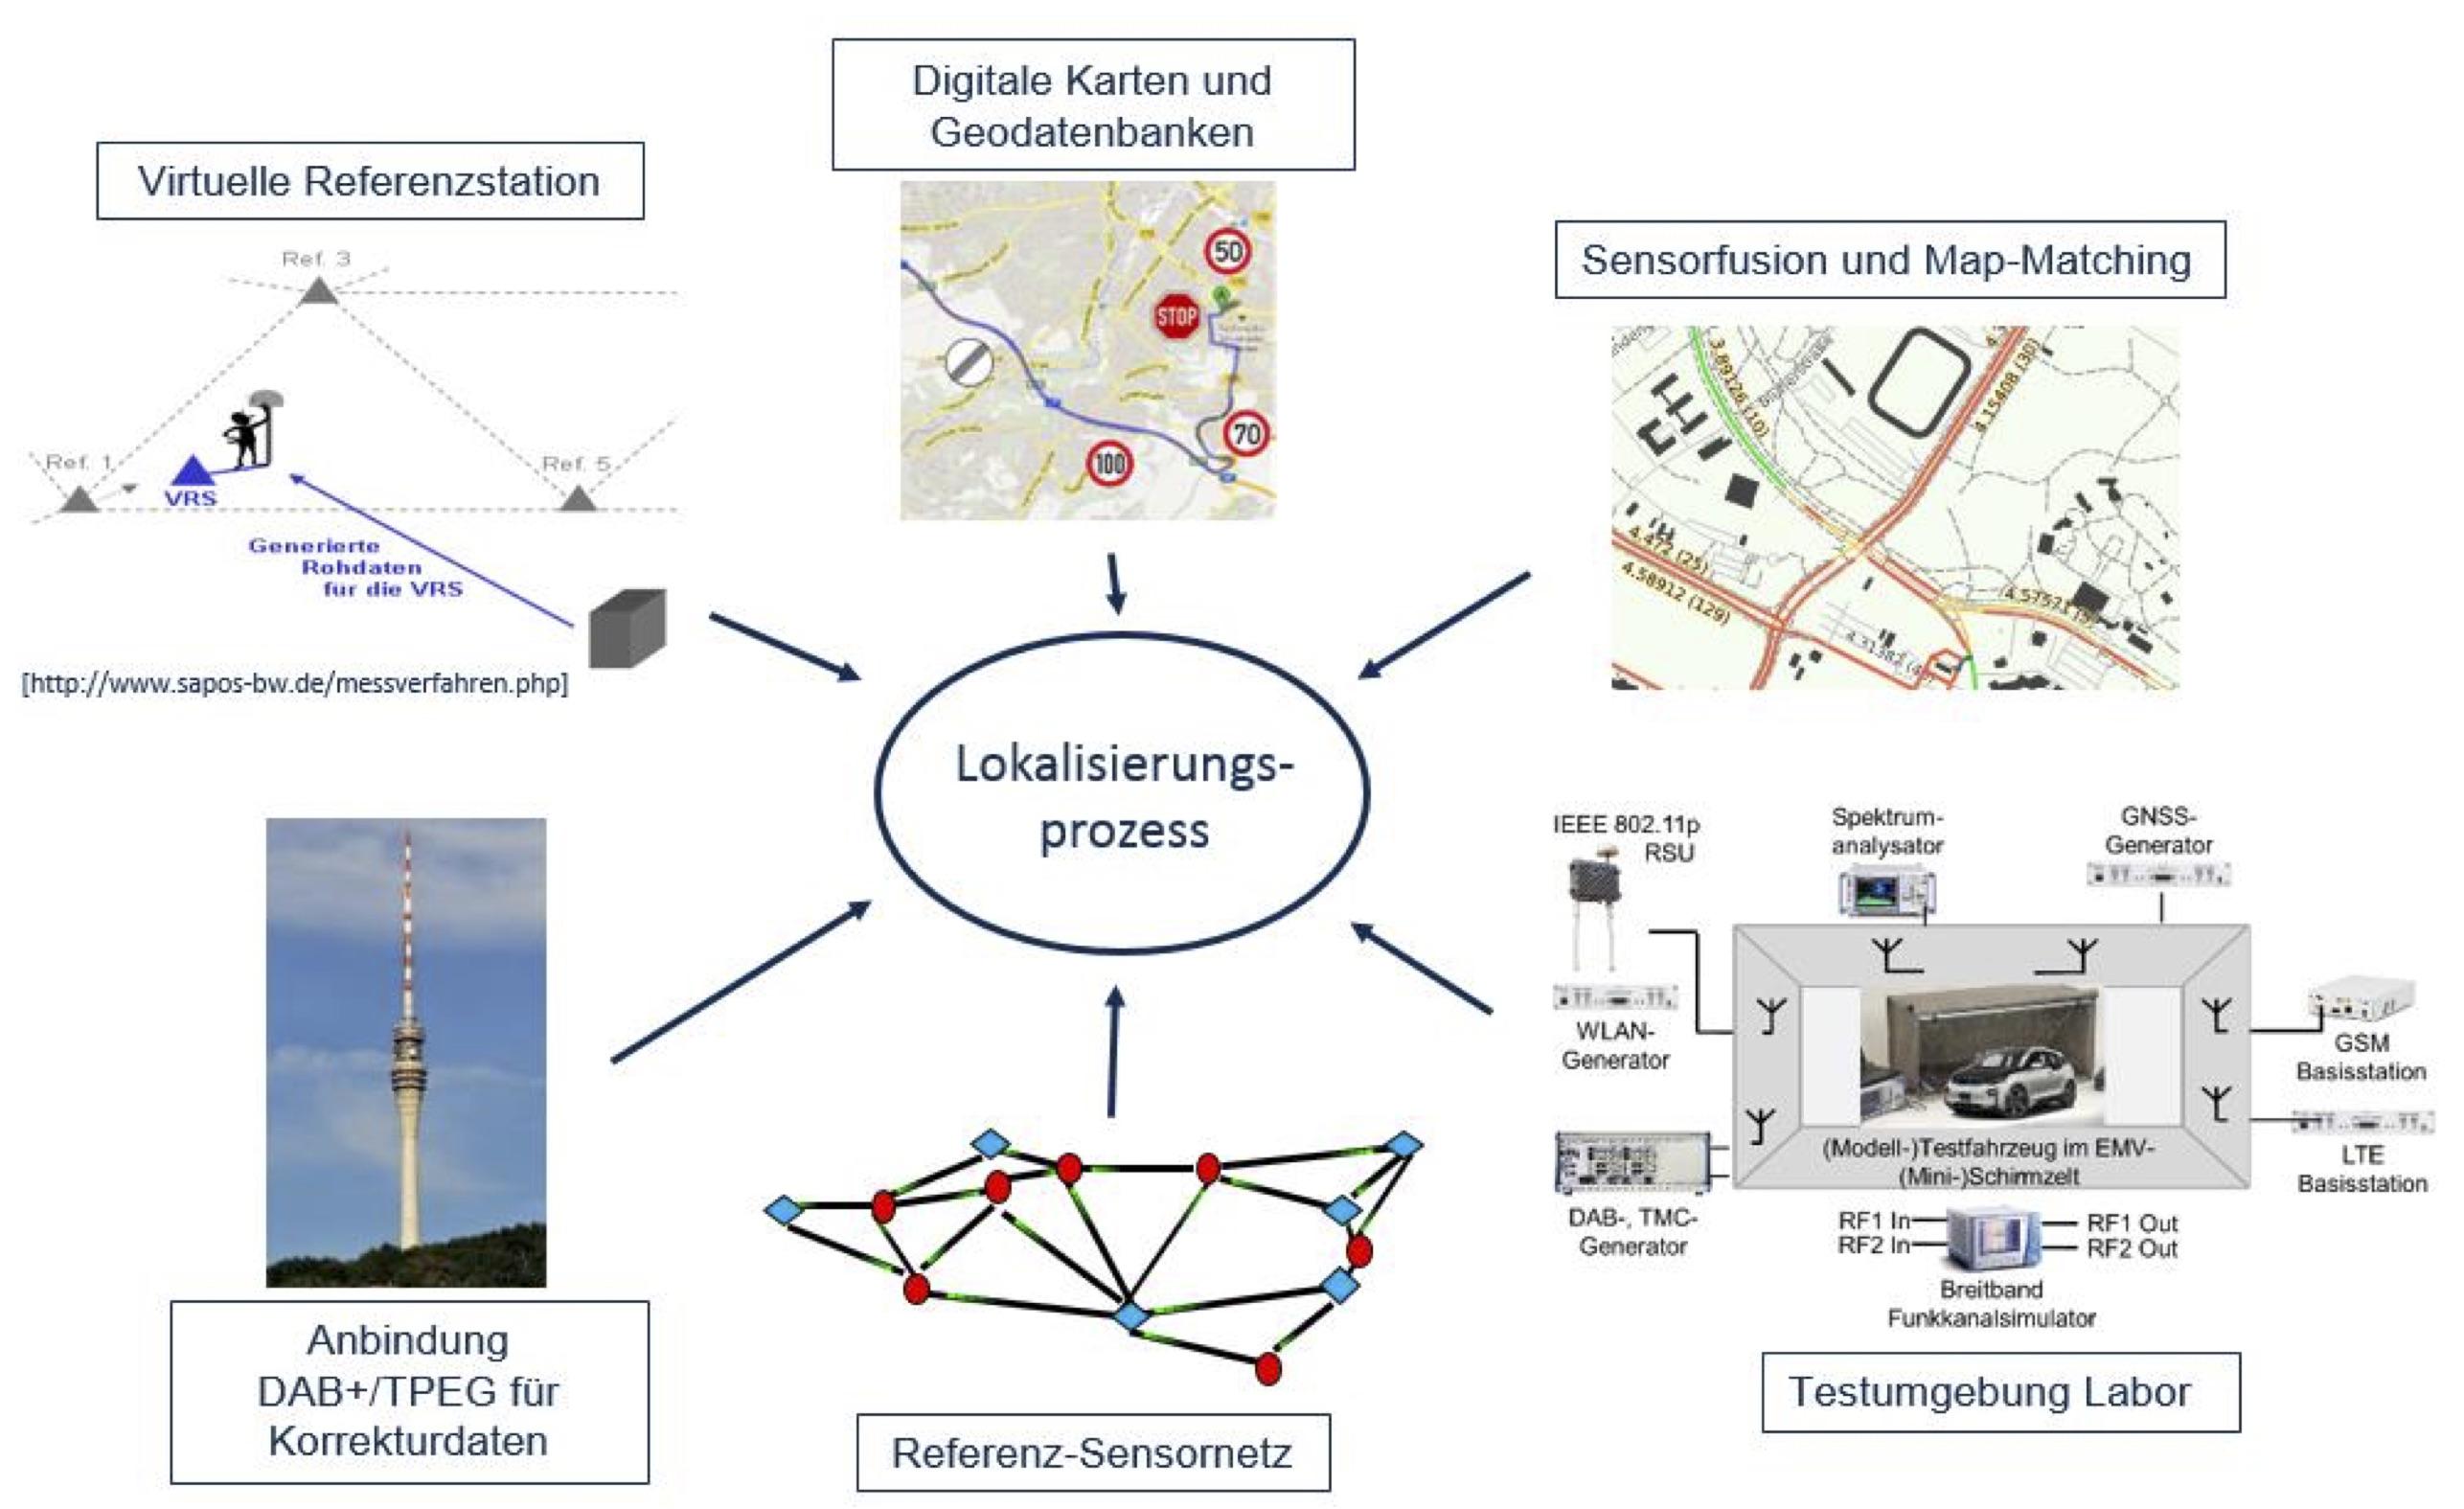 IVS-LOK – Spurgenaue Lokalisierung für Intelligente Verkehrssysteme